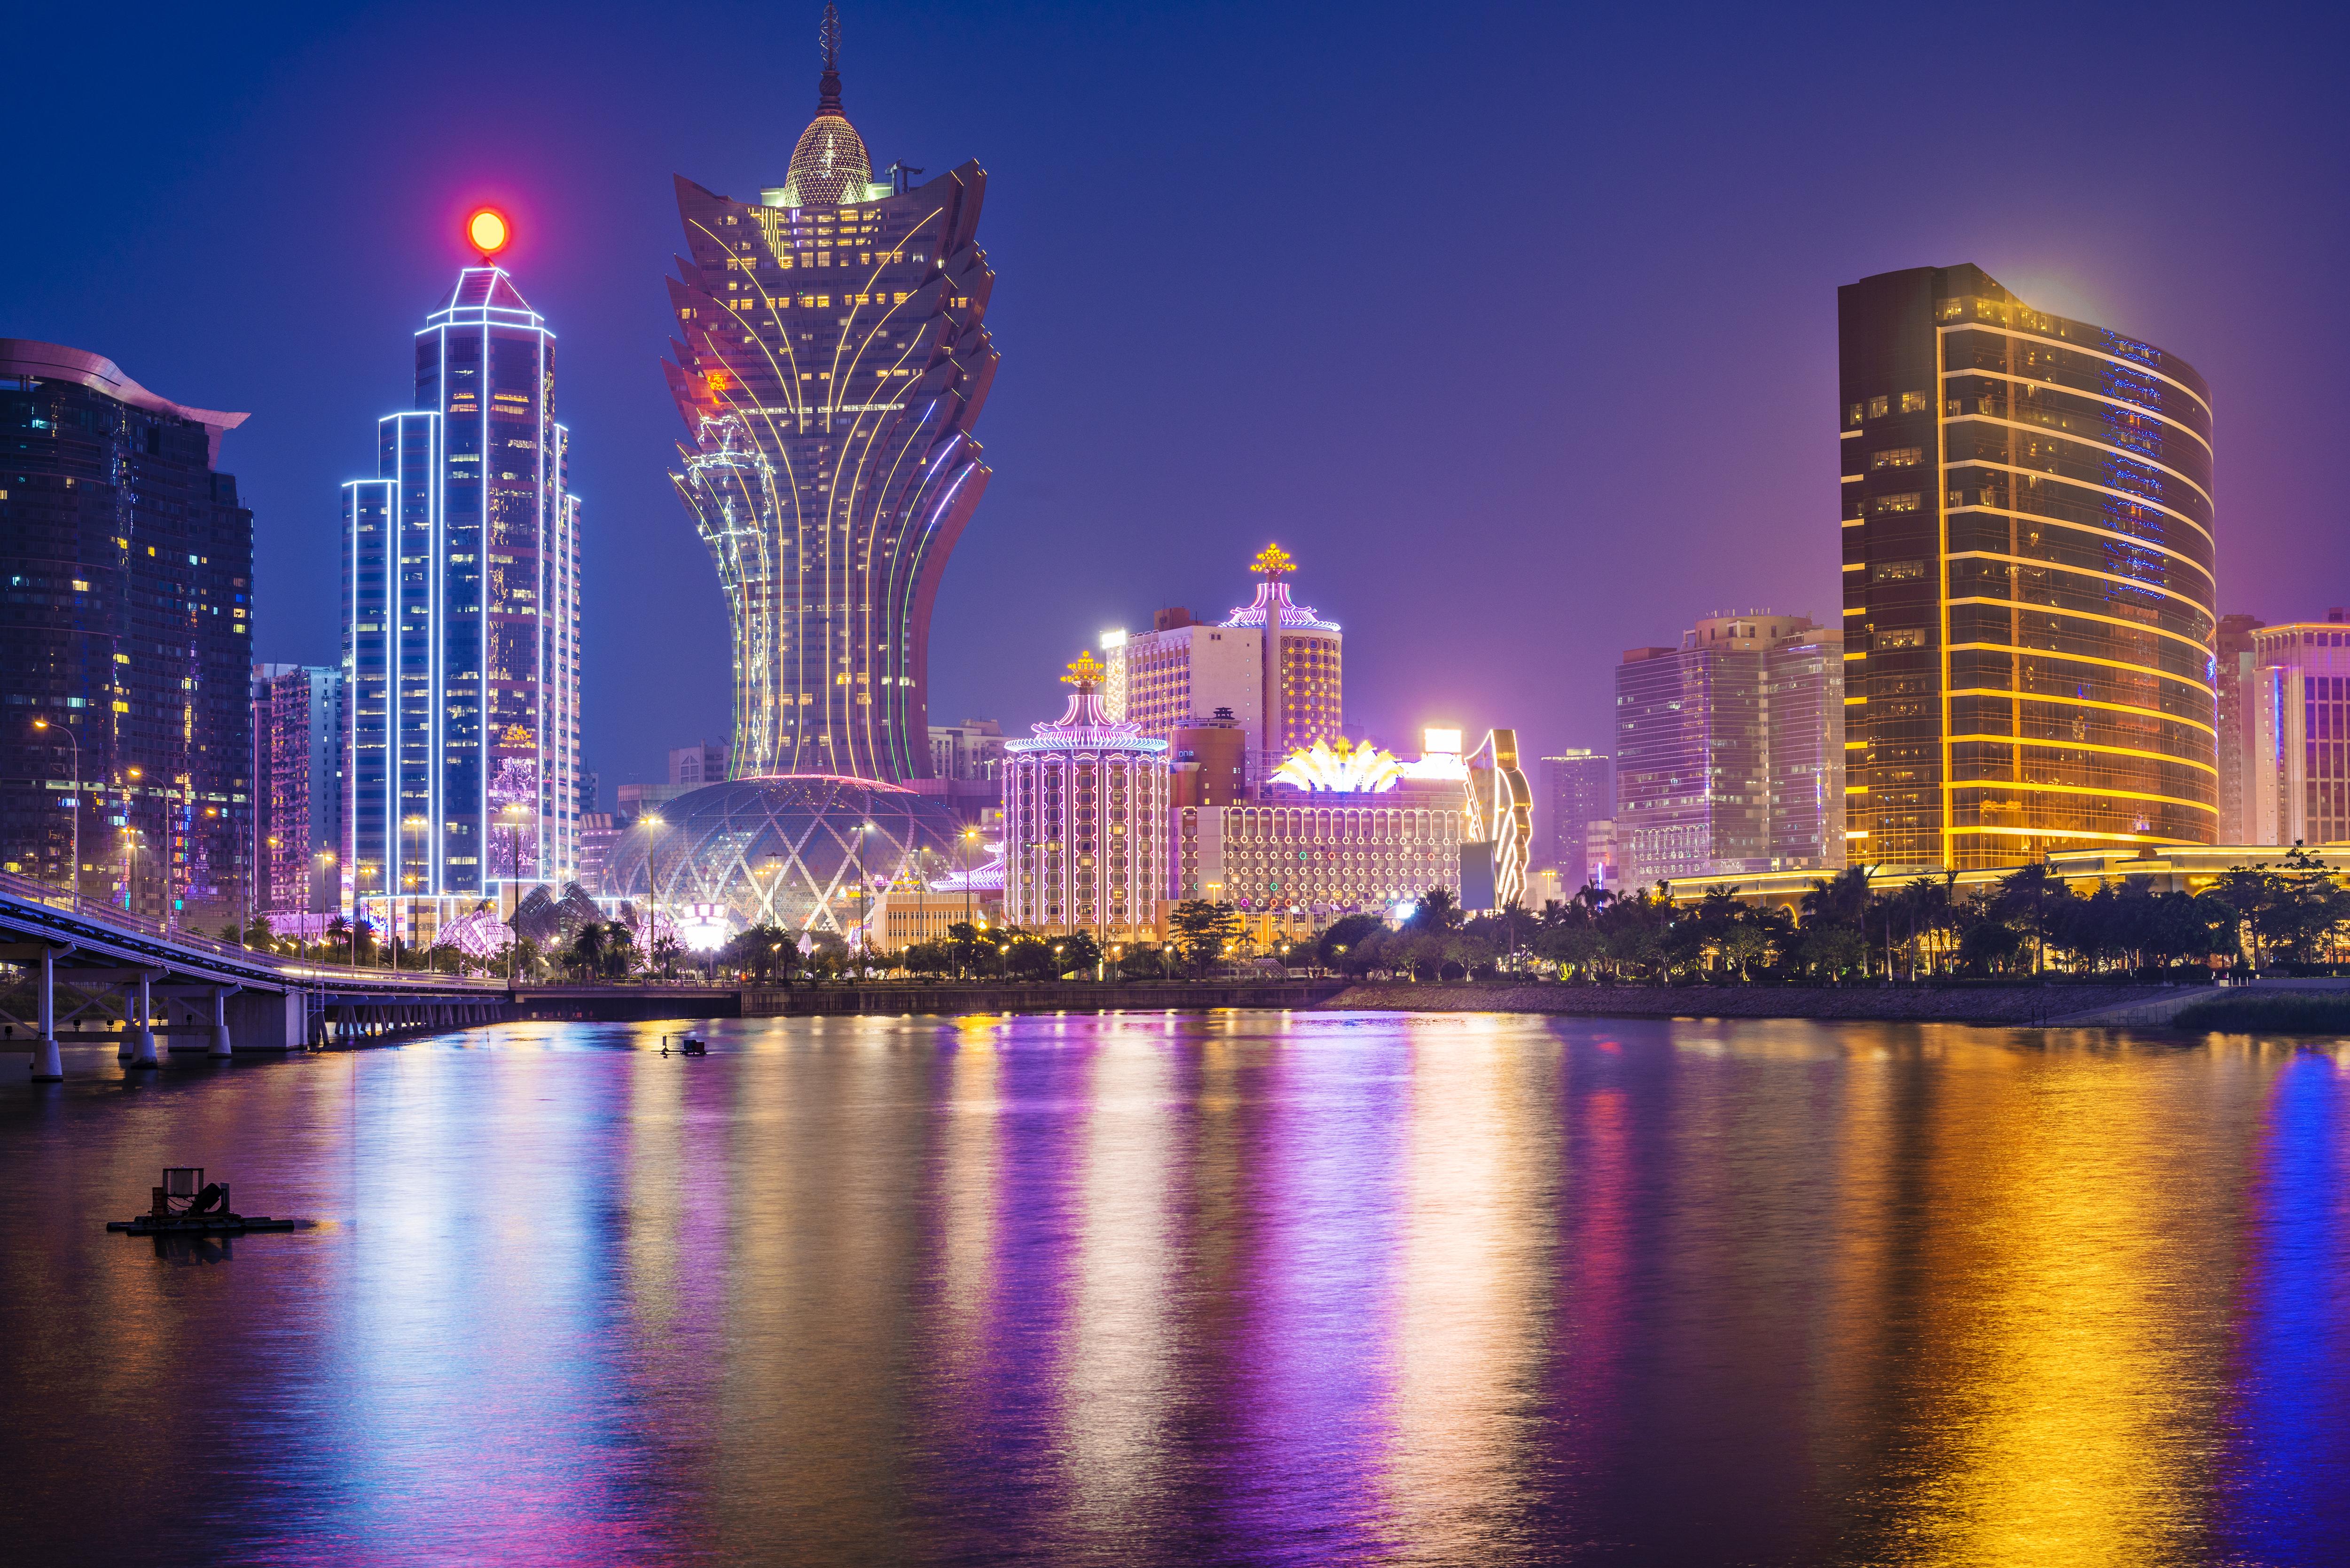 Wynn Macau in the Macau skyline.